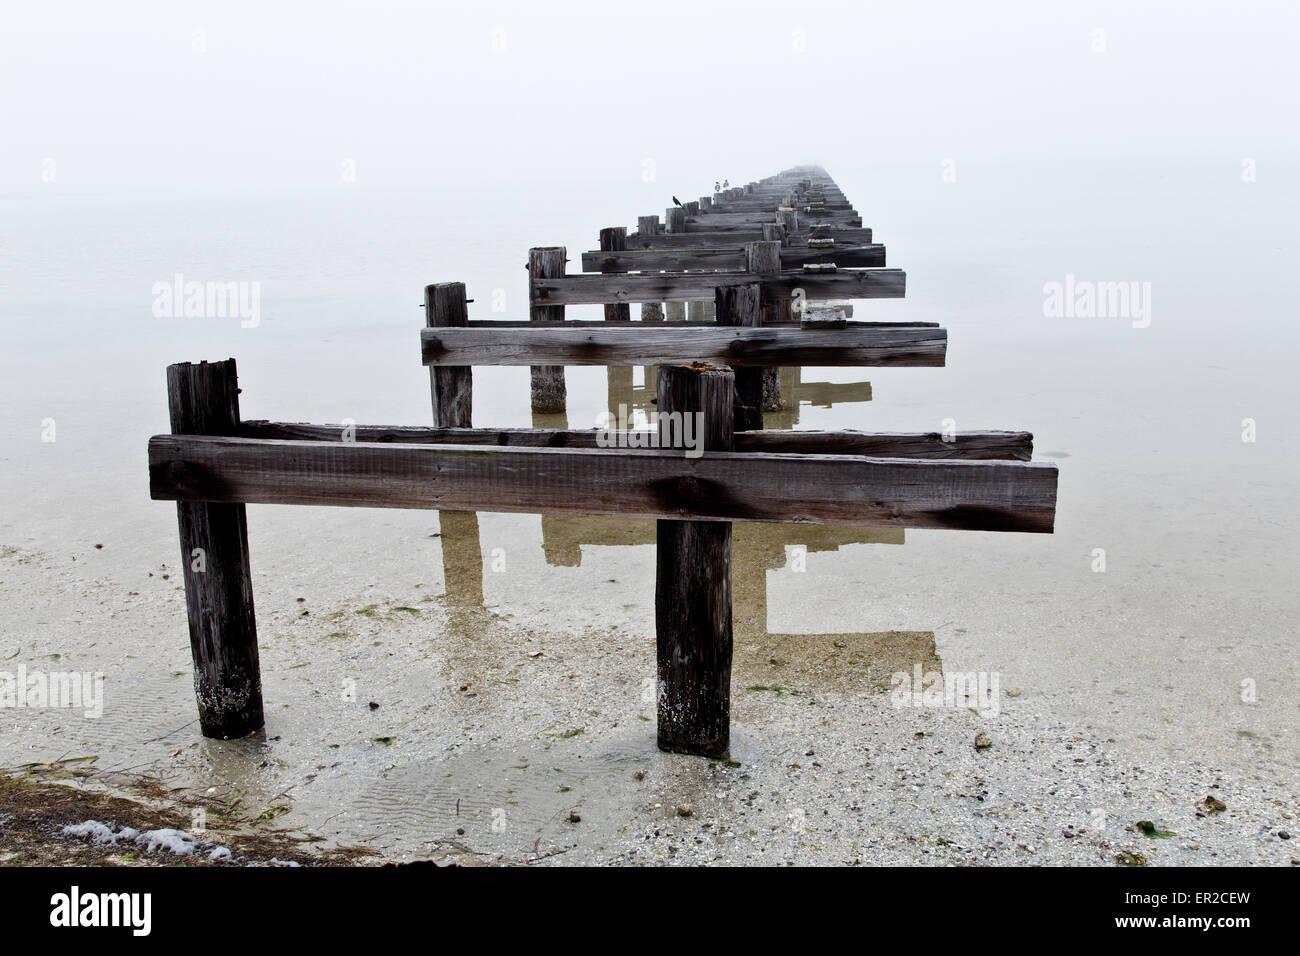 Jetée de bois abandonnés disparaissant dans foggy voie navigable. Photo Stock